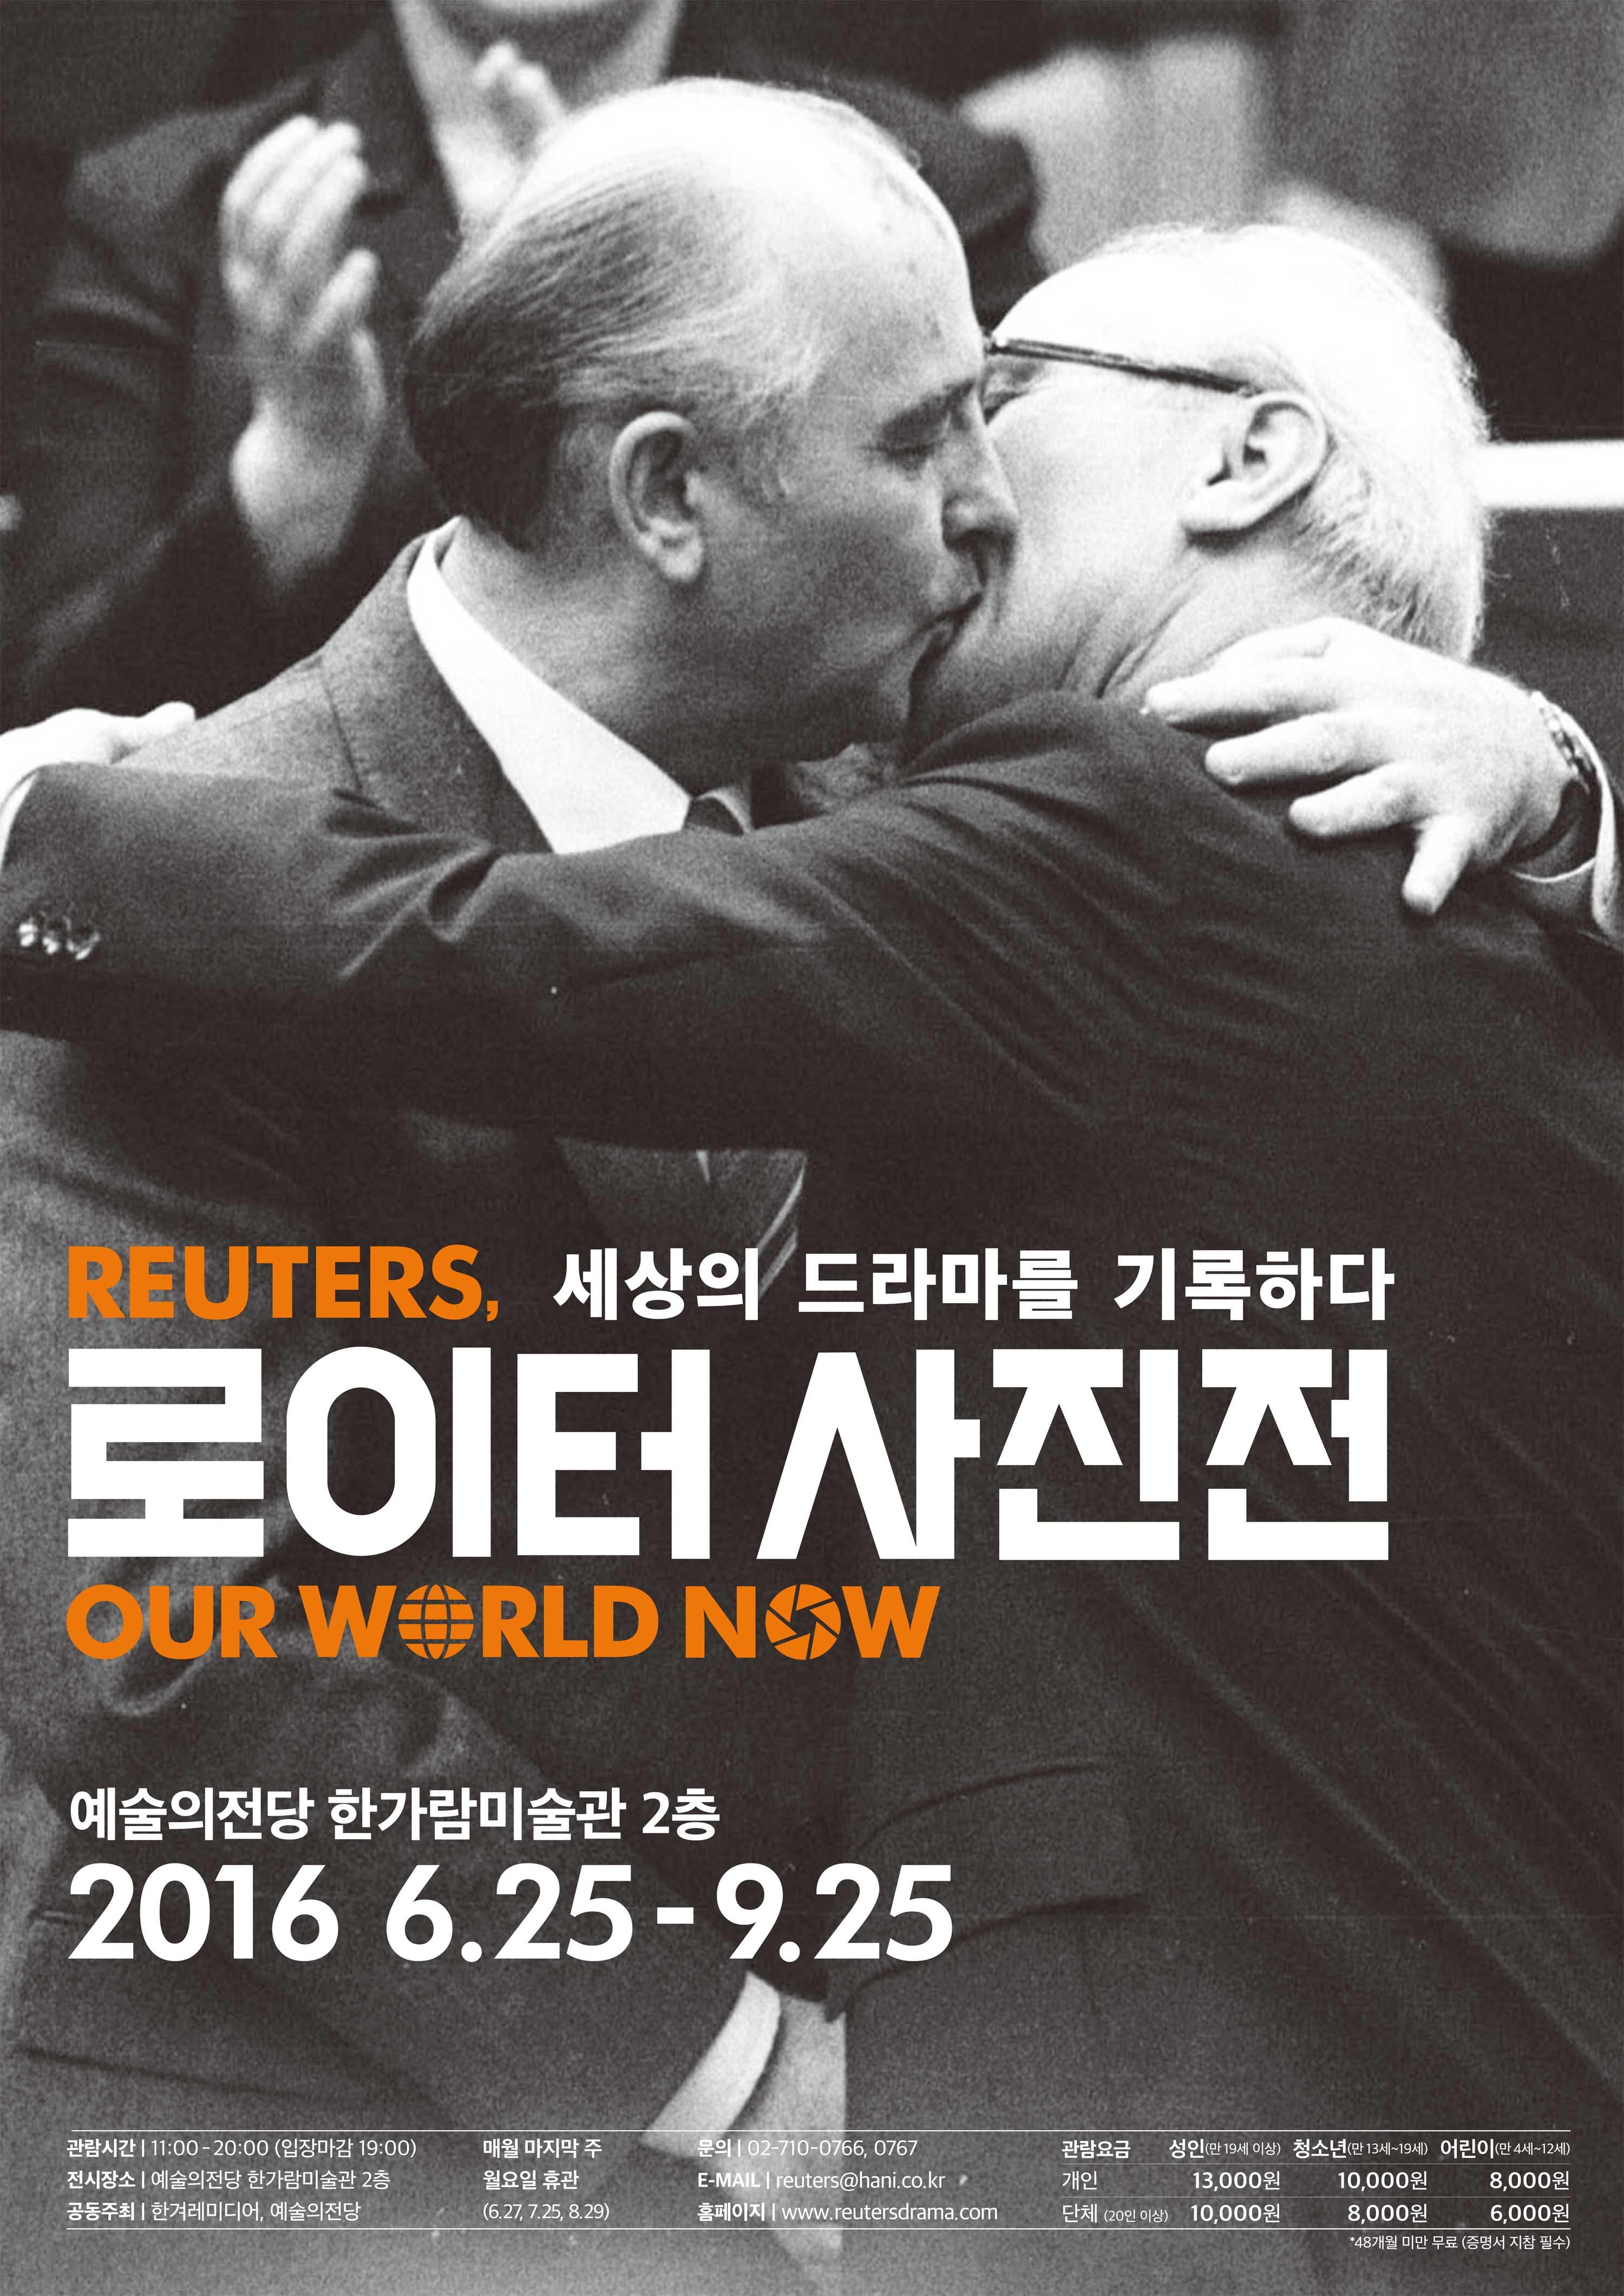 '로이터사진전' 전시 개최기념 '포토워크숍' 진행 및 얼리버드티켓 판매